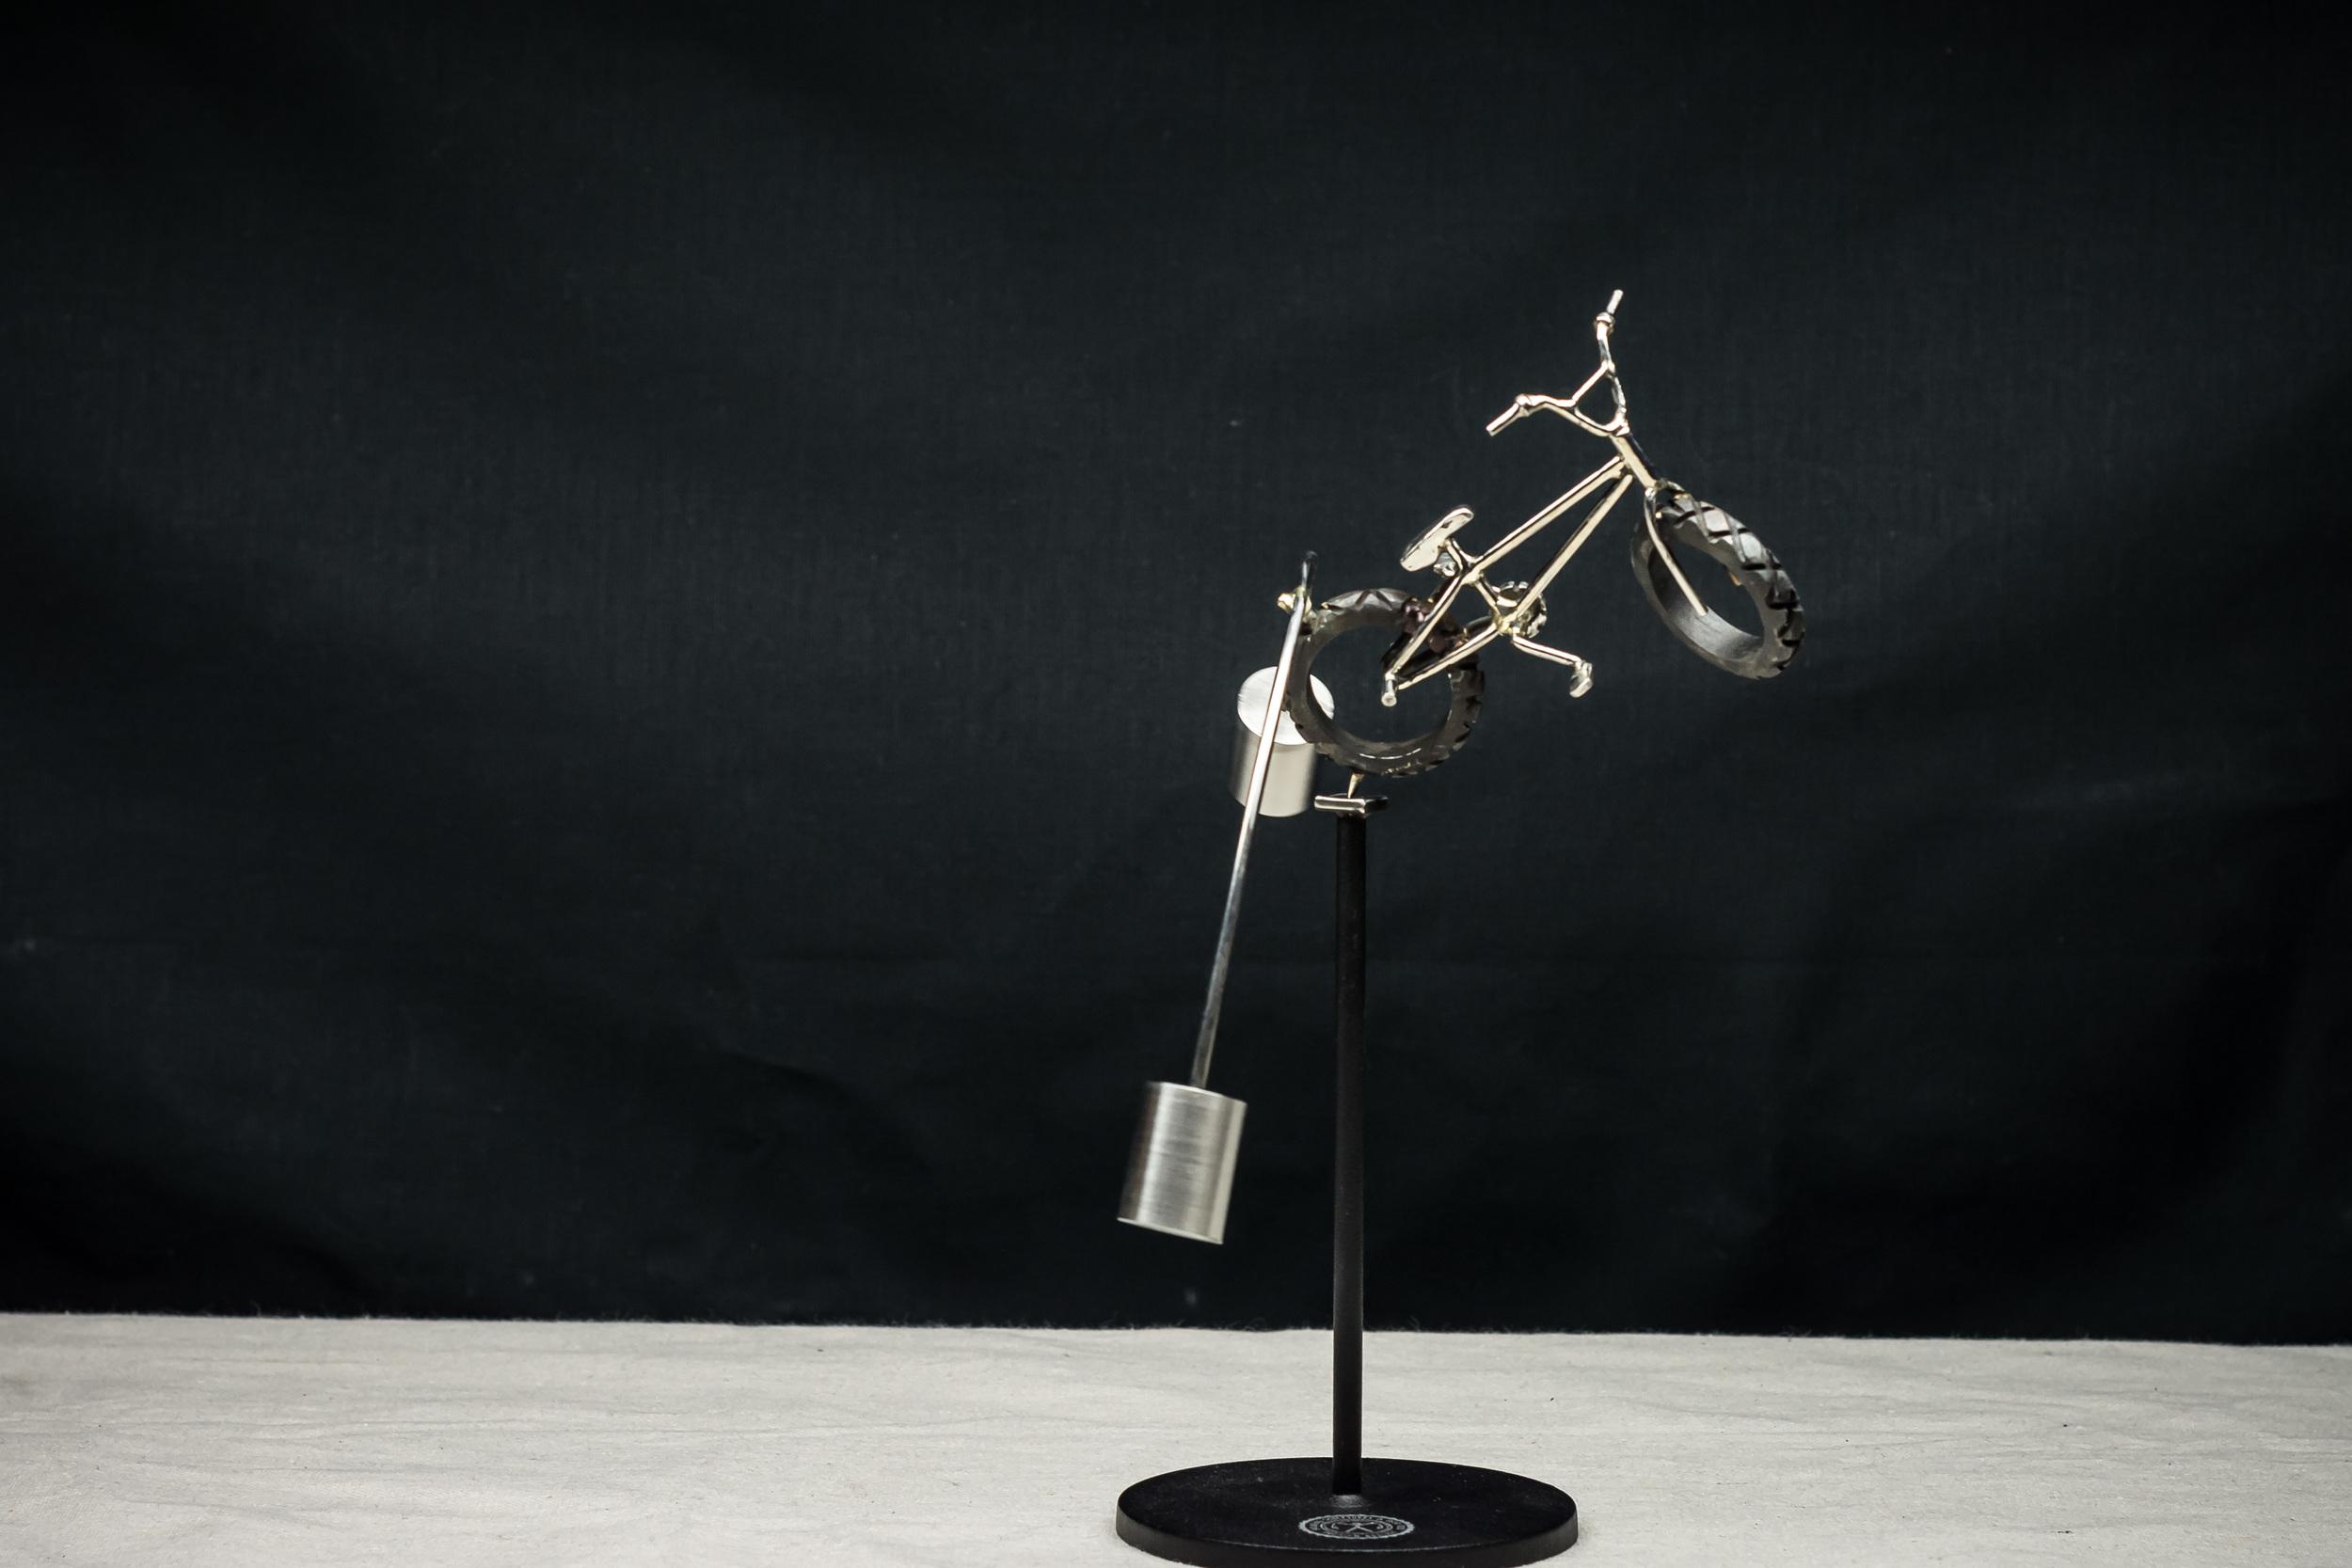 BMX Bike-4.jpg